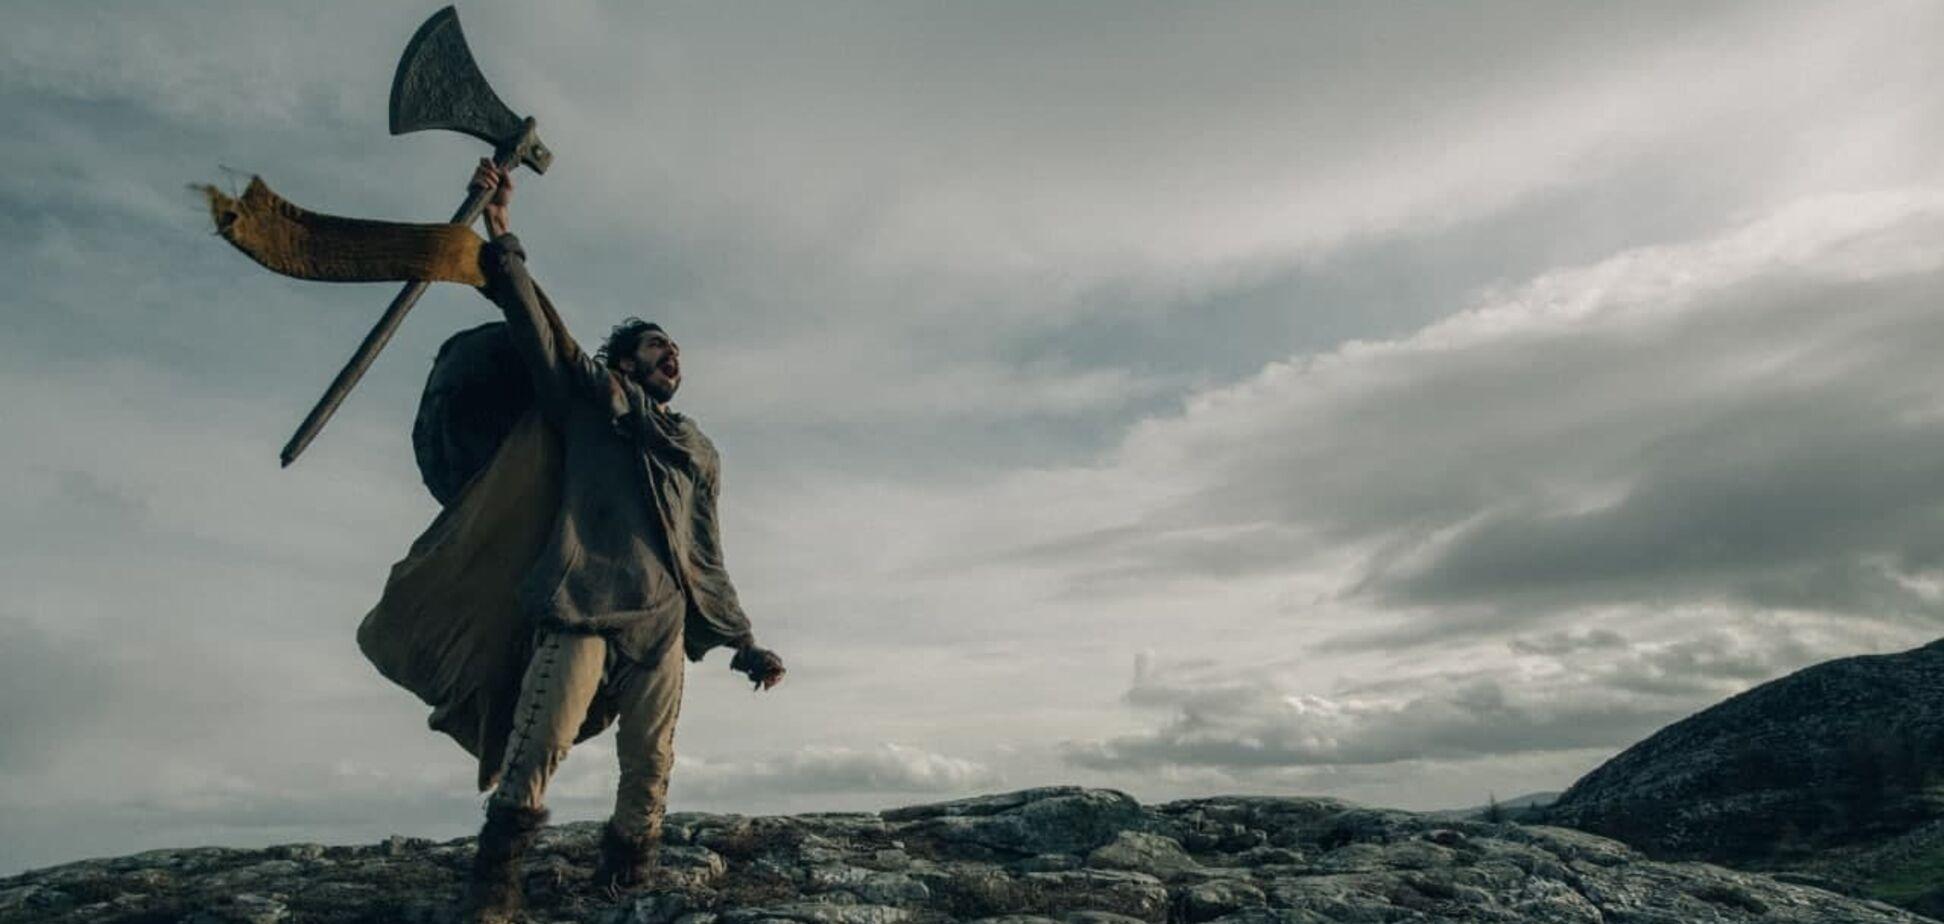 Кадр із фільму 'Легенда про Зеленого лицаря'